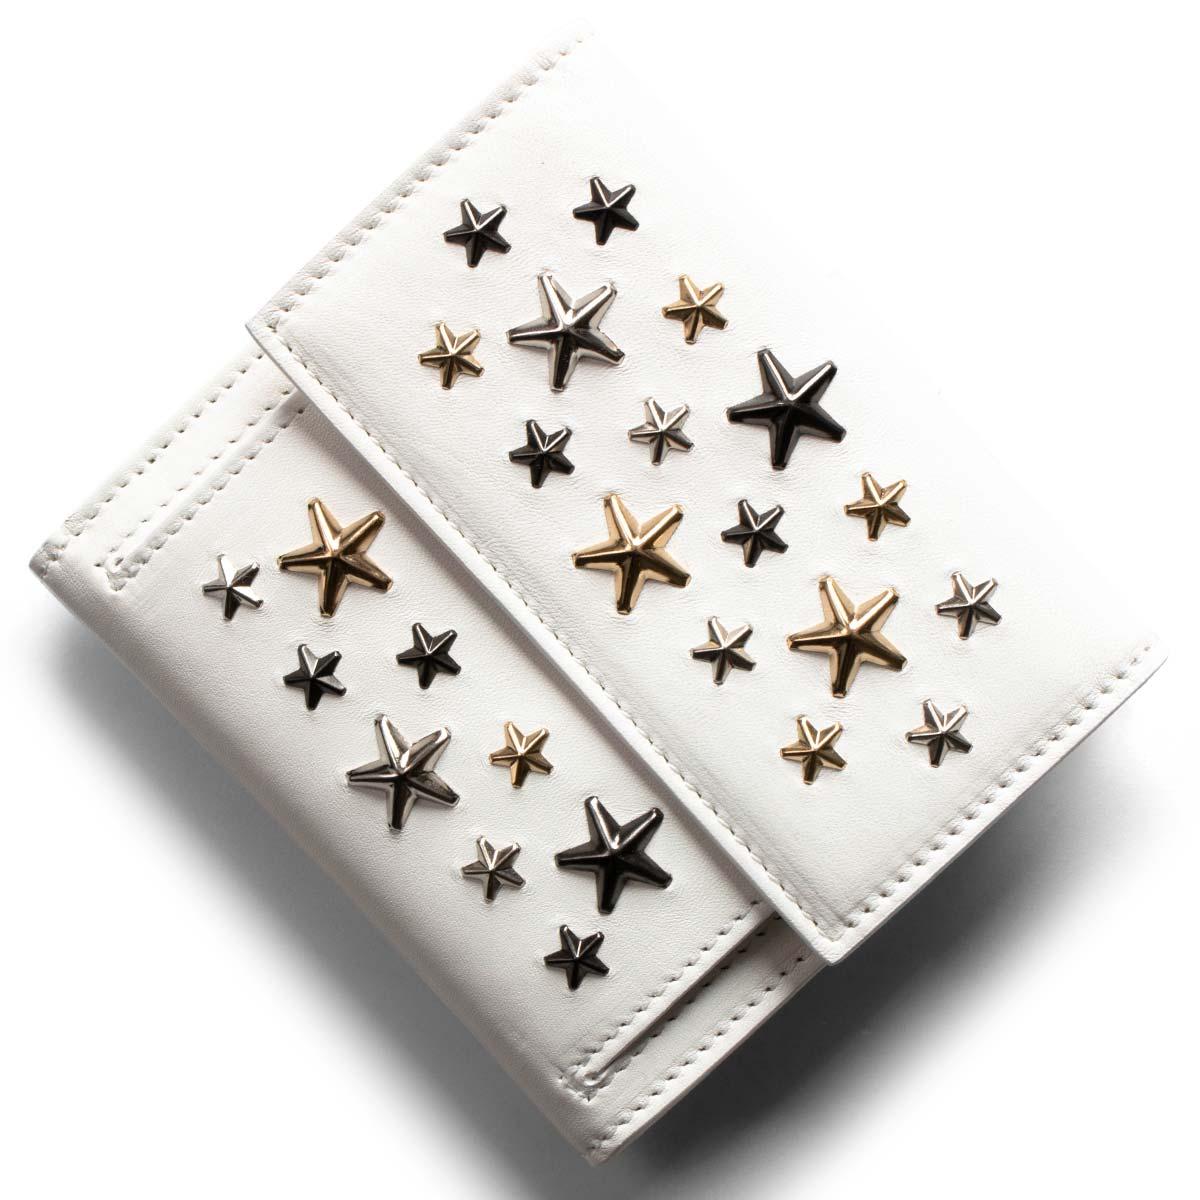 ジミーチュウ 二つ折り財布 財布 レディース フリーダ マルチ メタル スター スタッズ ホワイト&メタリックミックス FRIDA LTR 080298 WHITE METALLIC MIX JIMMY CHOO